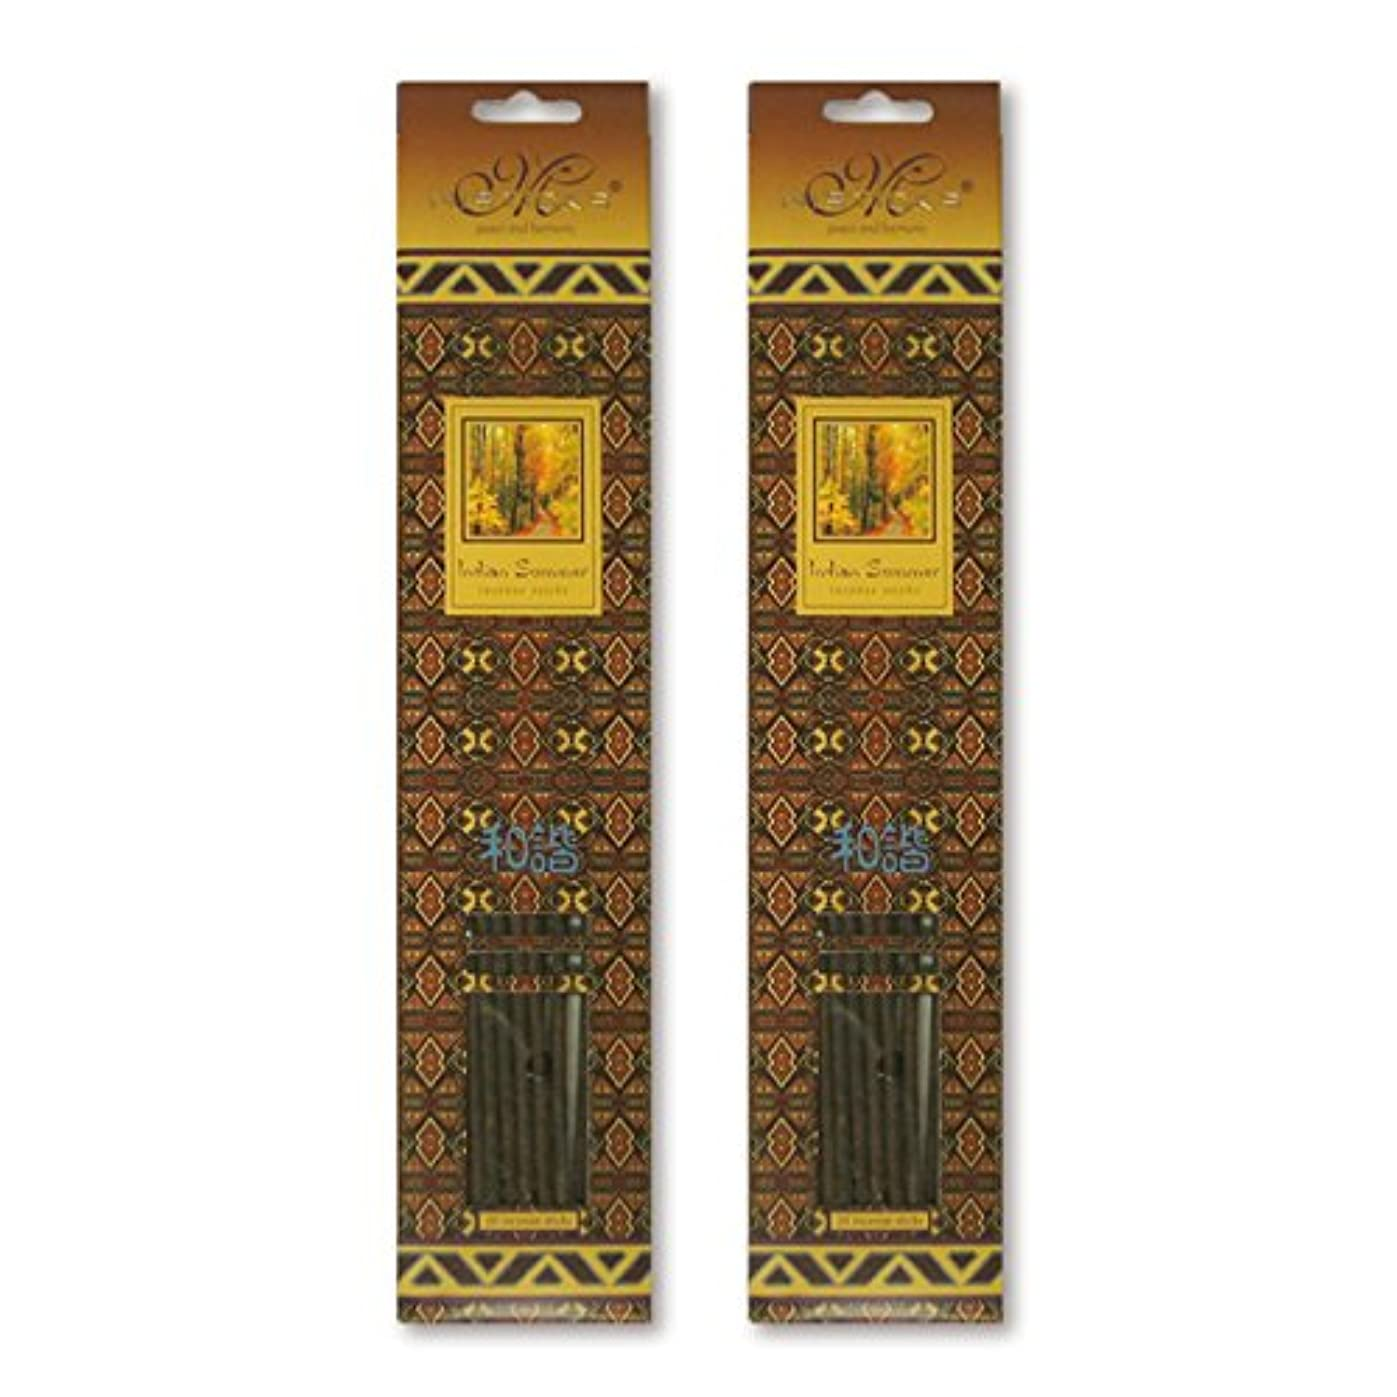 売り手起こりやすい指令MISTICKS ミスティックス Indian Summer インディアンサマー お香 20本 X 2パック (40本)